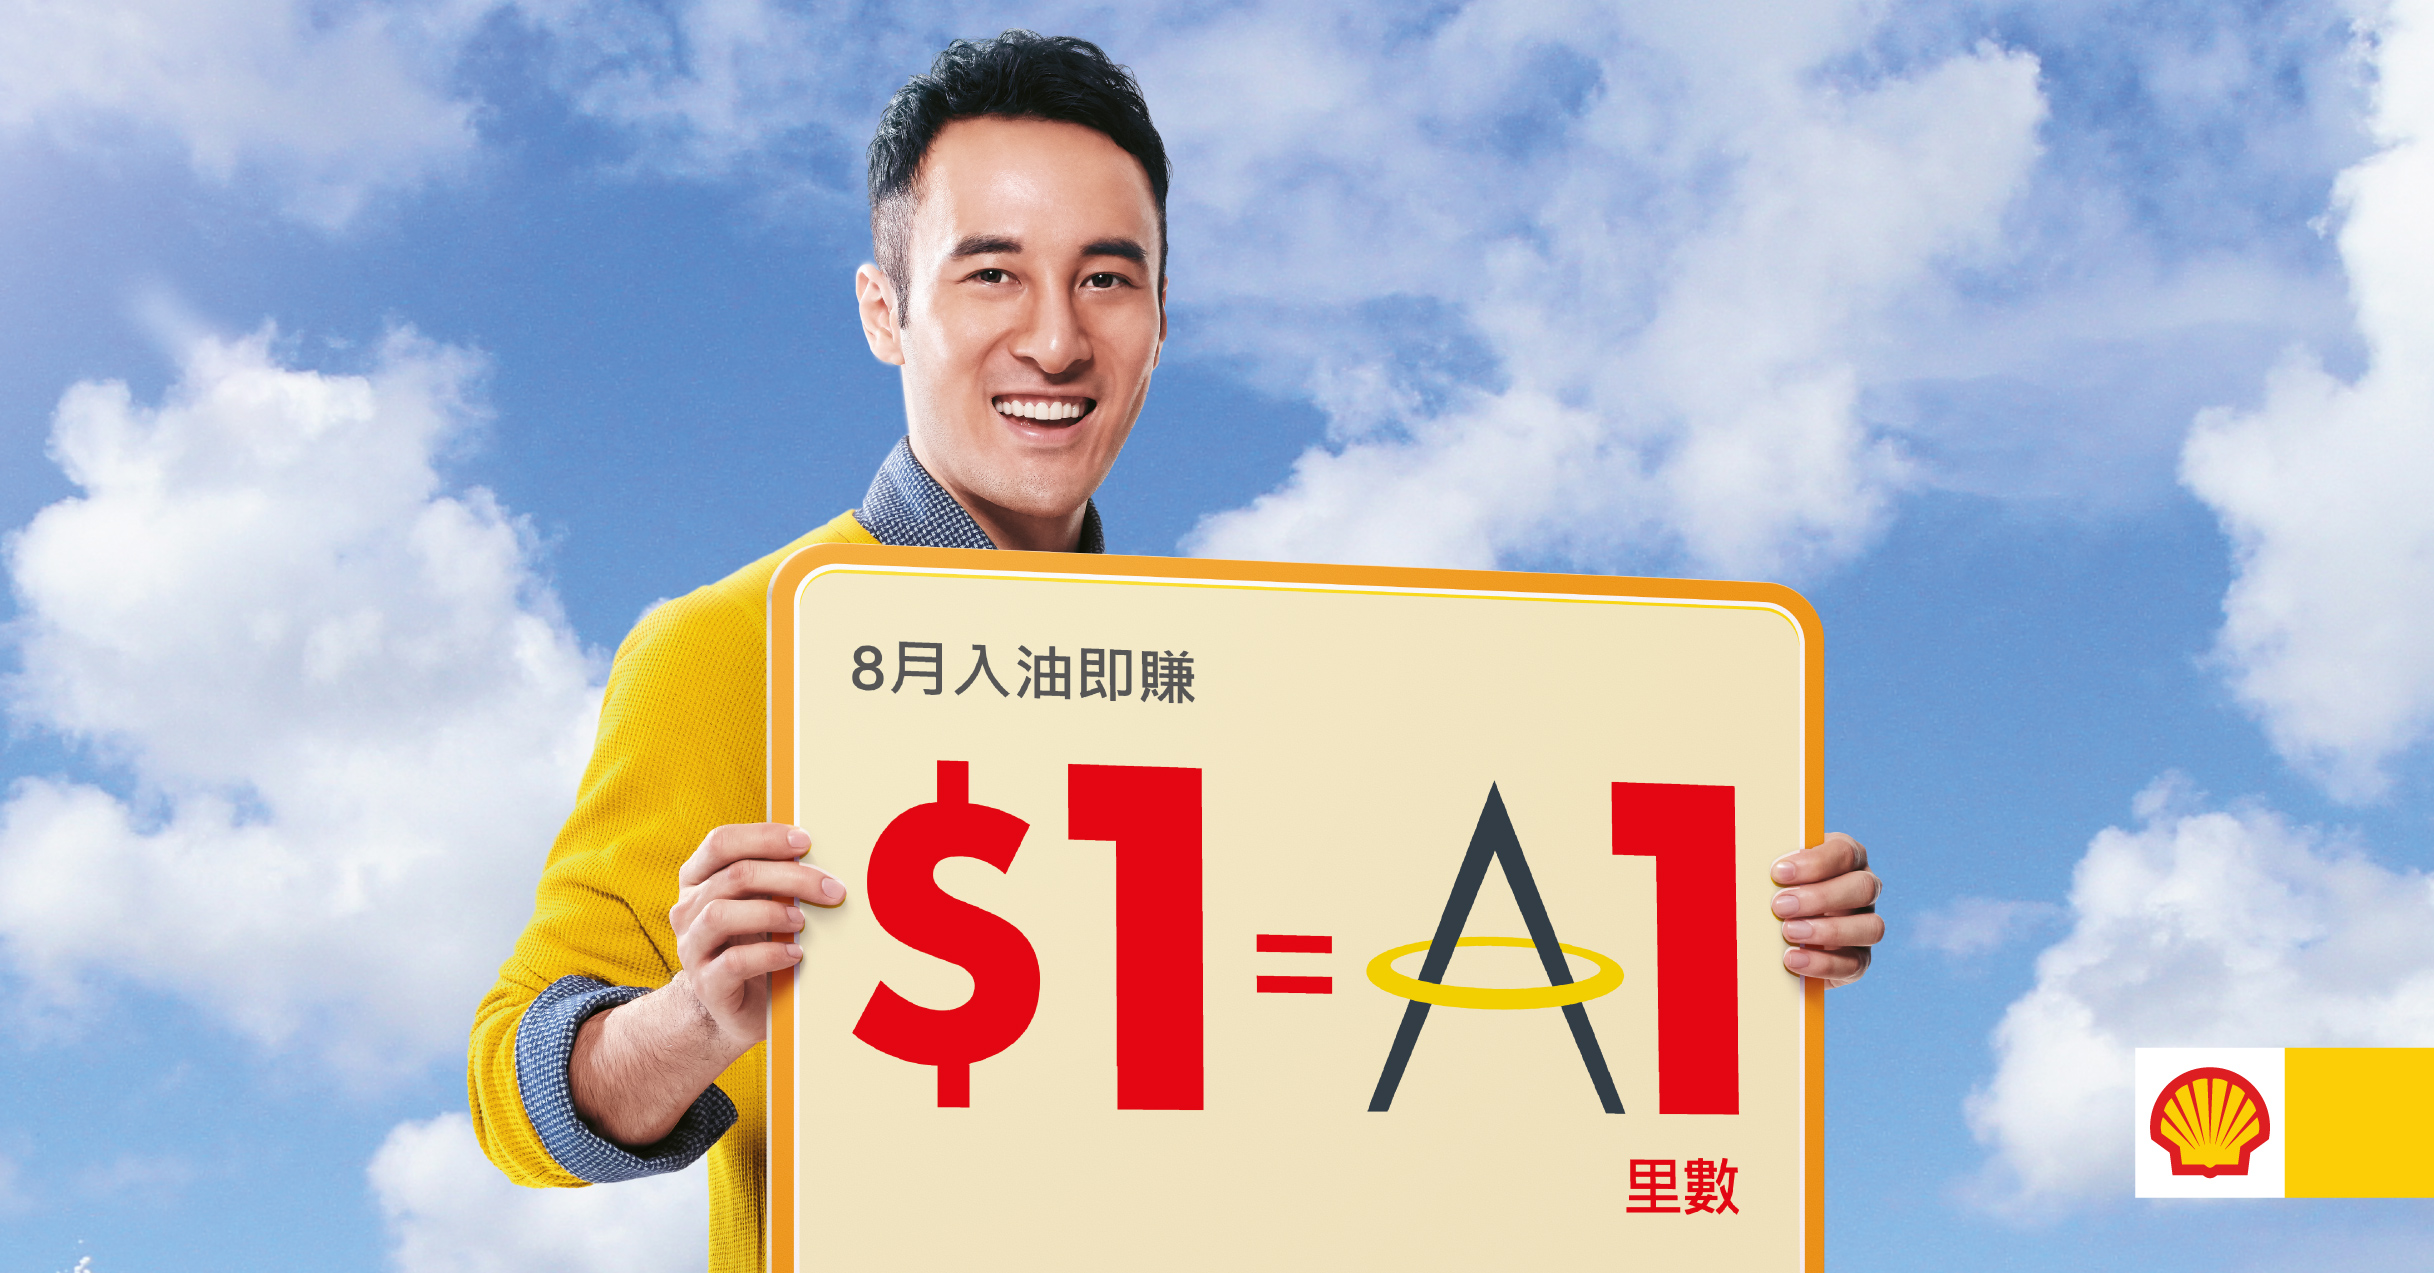 8月到Shell入油每$1 賺 1「亞洲萬里通」里數!上限5,000里!